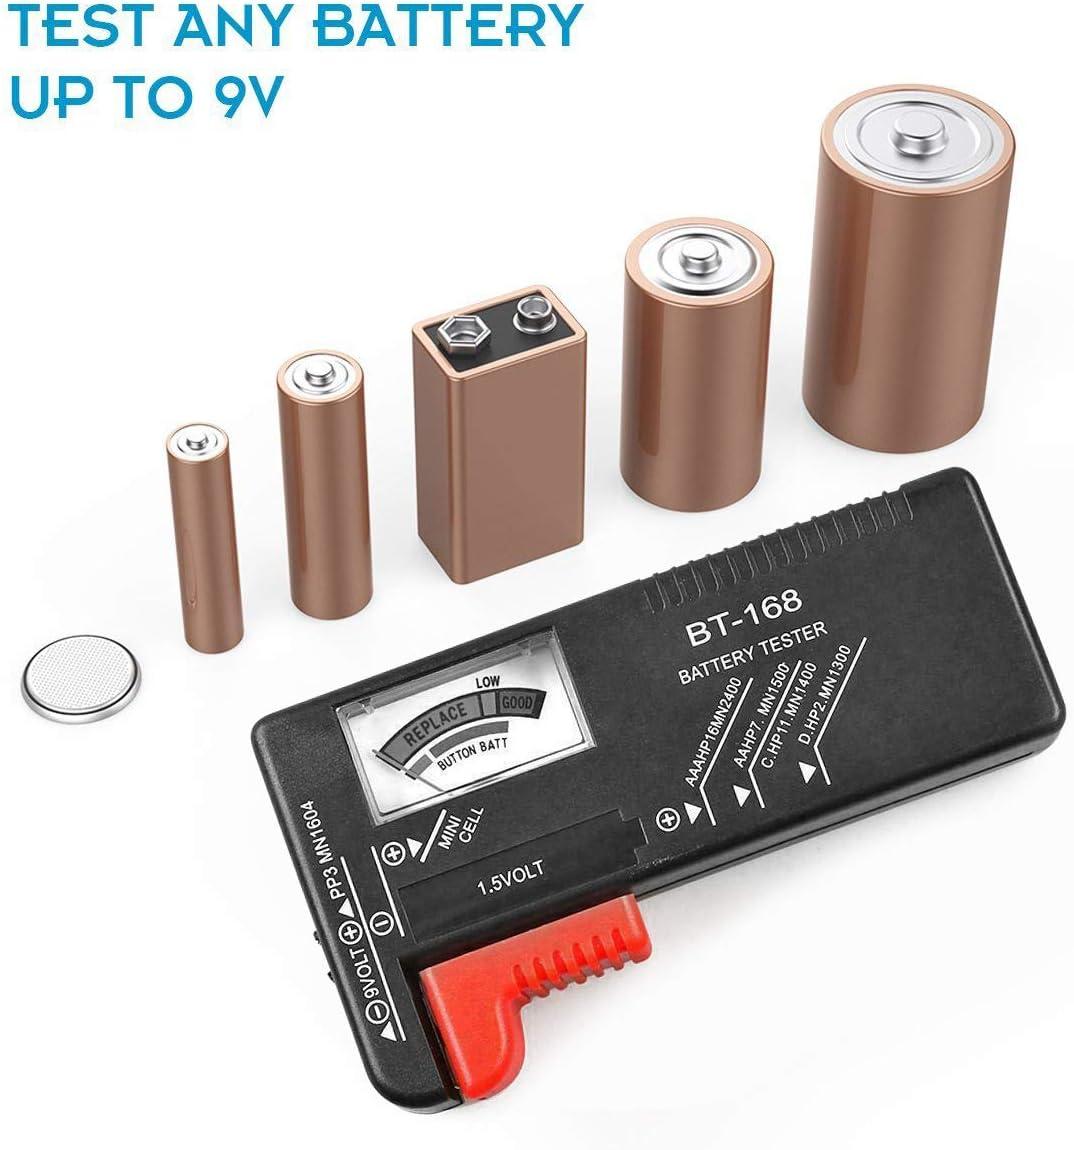 Organisateur de Stockage Capacit/é 110 Piles AA AAA C D 9V avec Testeur Batterie Amovible Noir, sans Piles Bo/îte de Rangement de Batterie